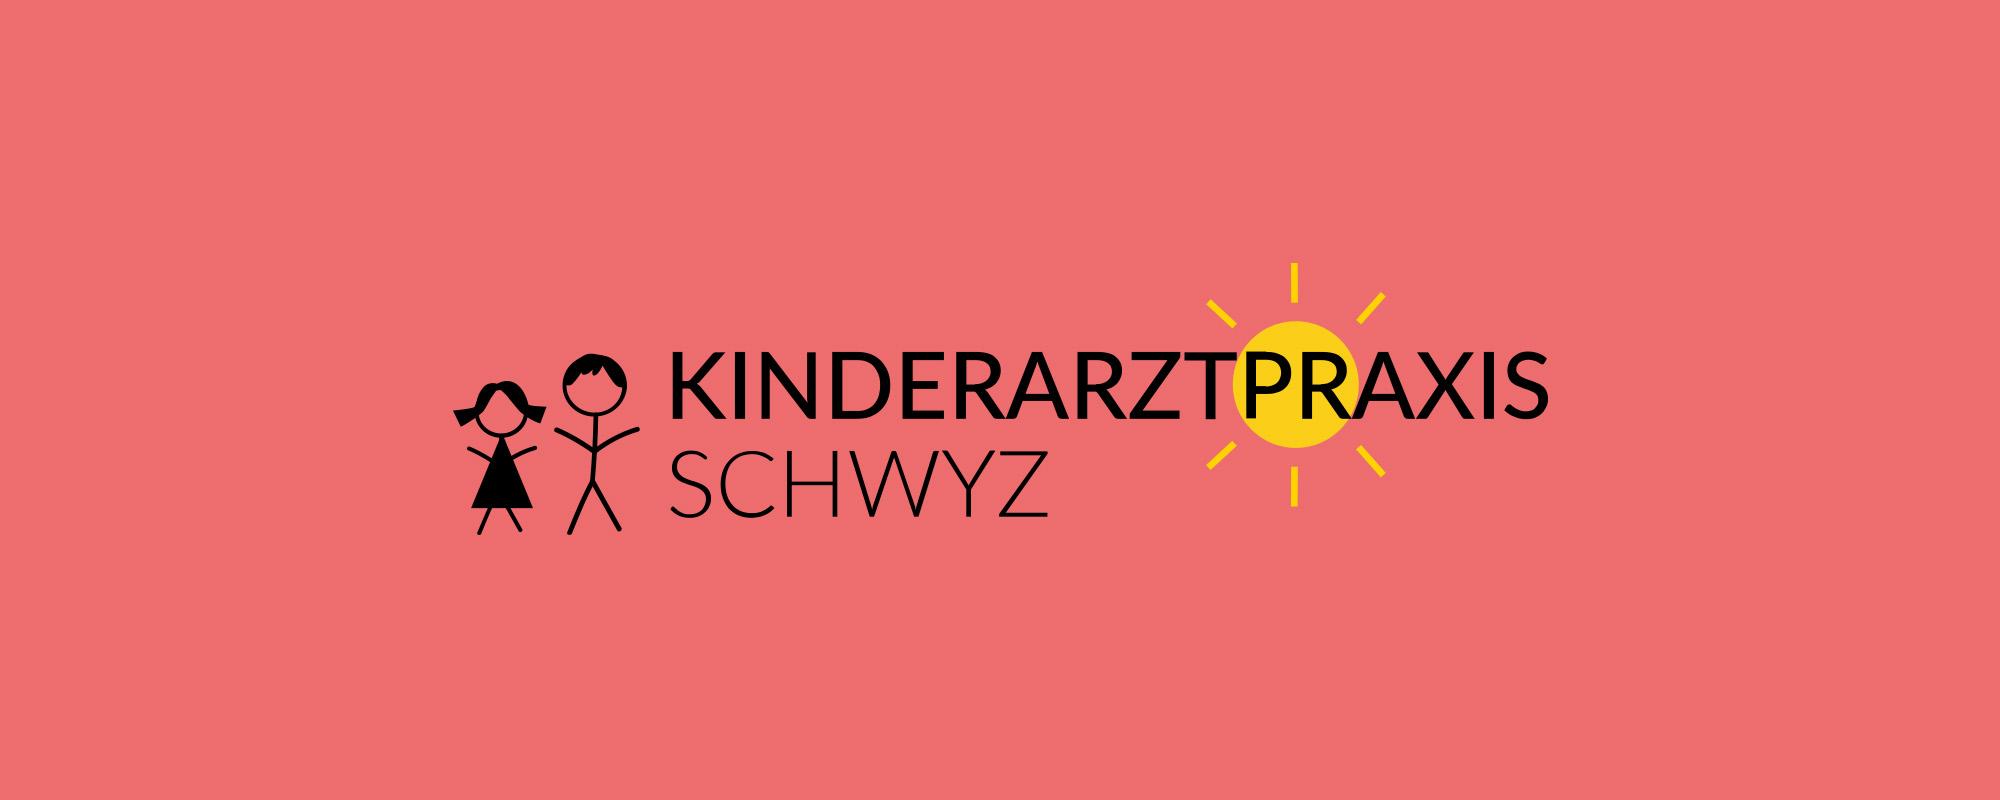 Kinderarztpraxis-Schwyz-Slider-05